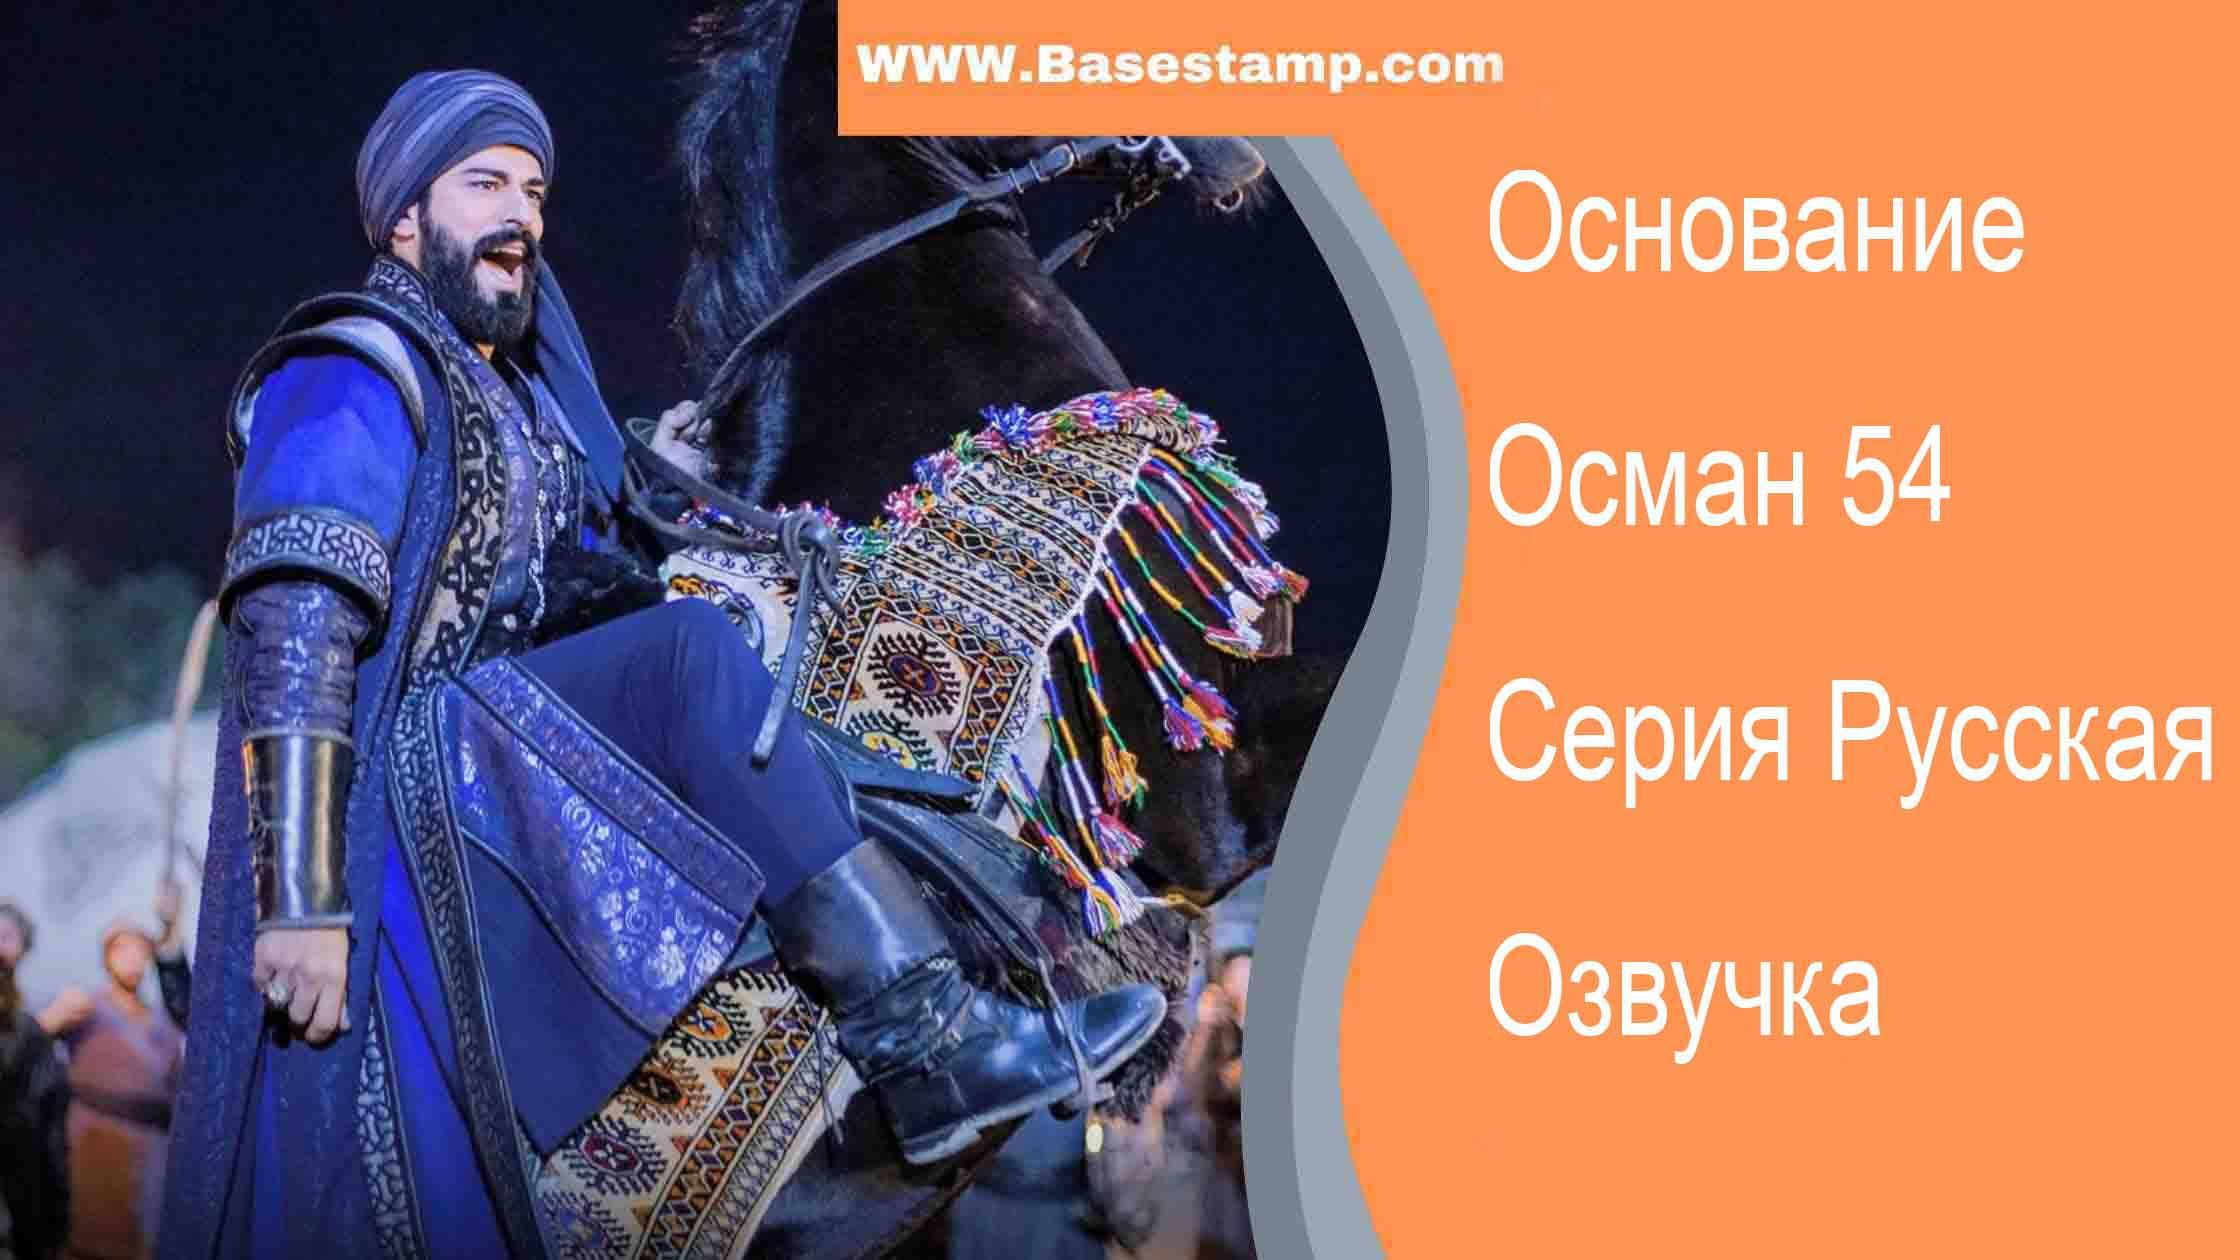 Основание Осман 54 Серия Русская Озвучка ок